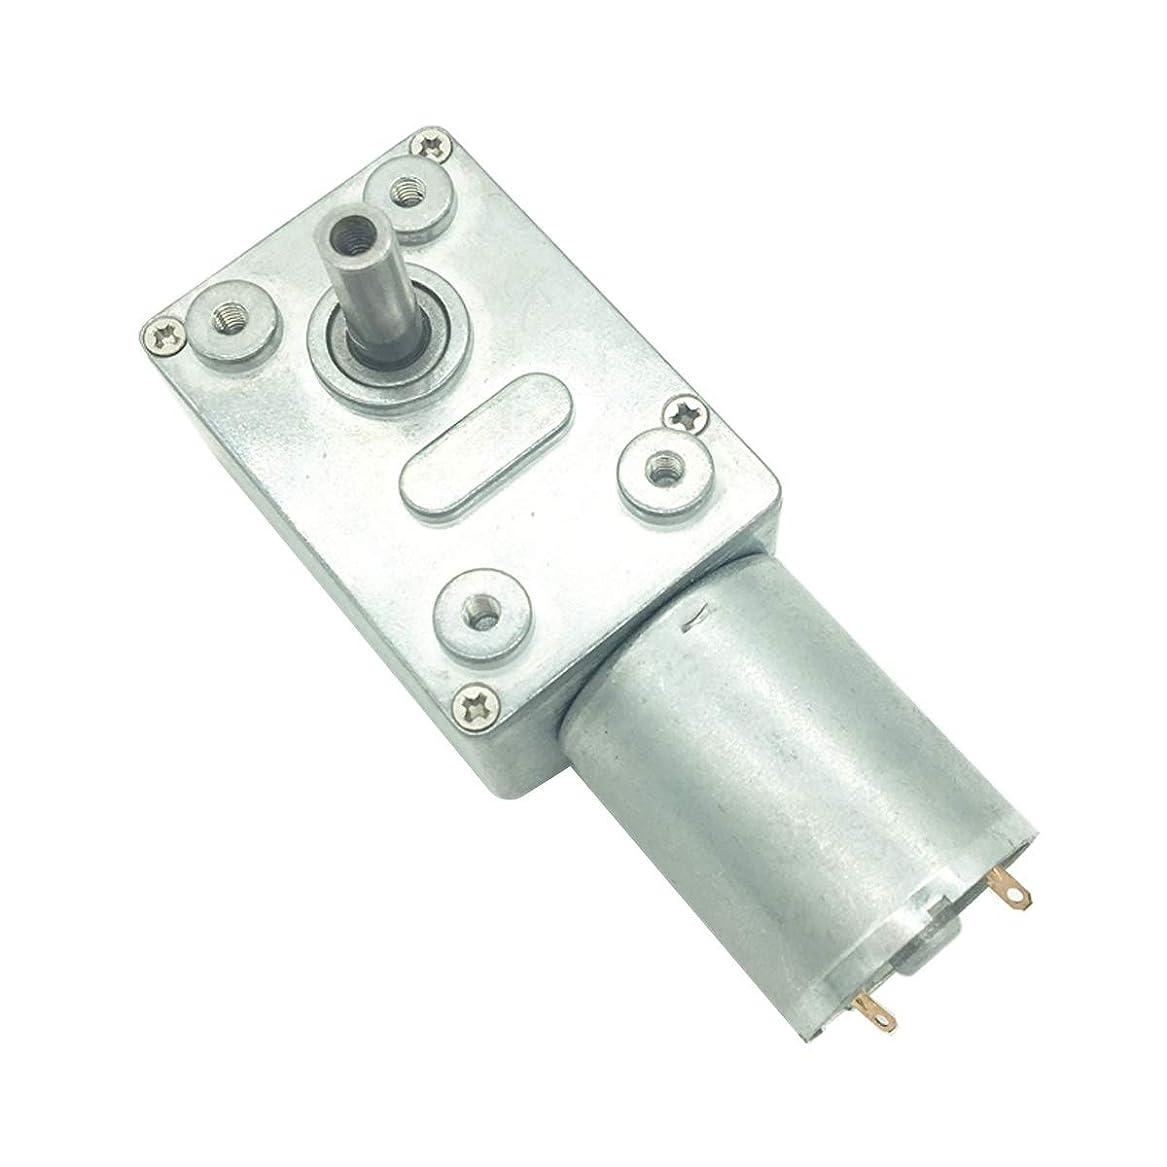 シャンプー基本的な連結するBringsmart 12V 40RPM DC ミニモーター ギアボックス ウォーム ギヤモーター ギヤード モーター 電気モーター 4.5kg.cm 高トルクセルフロック力リバース (12V 40rpm)